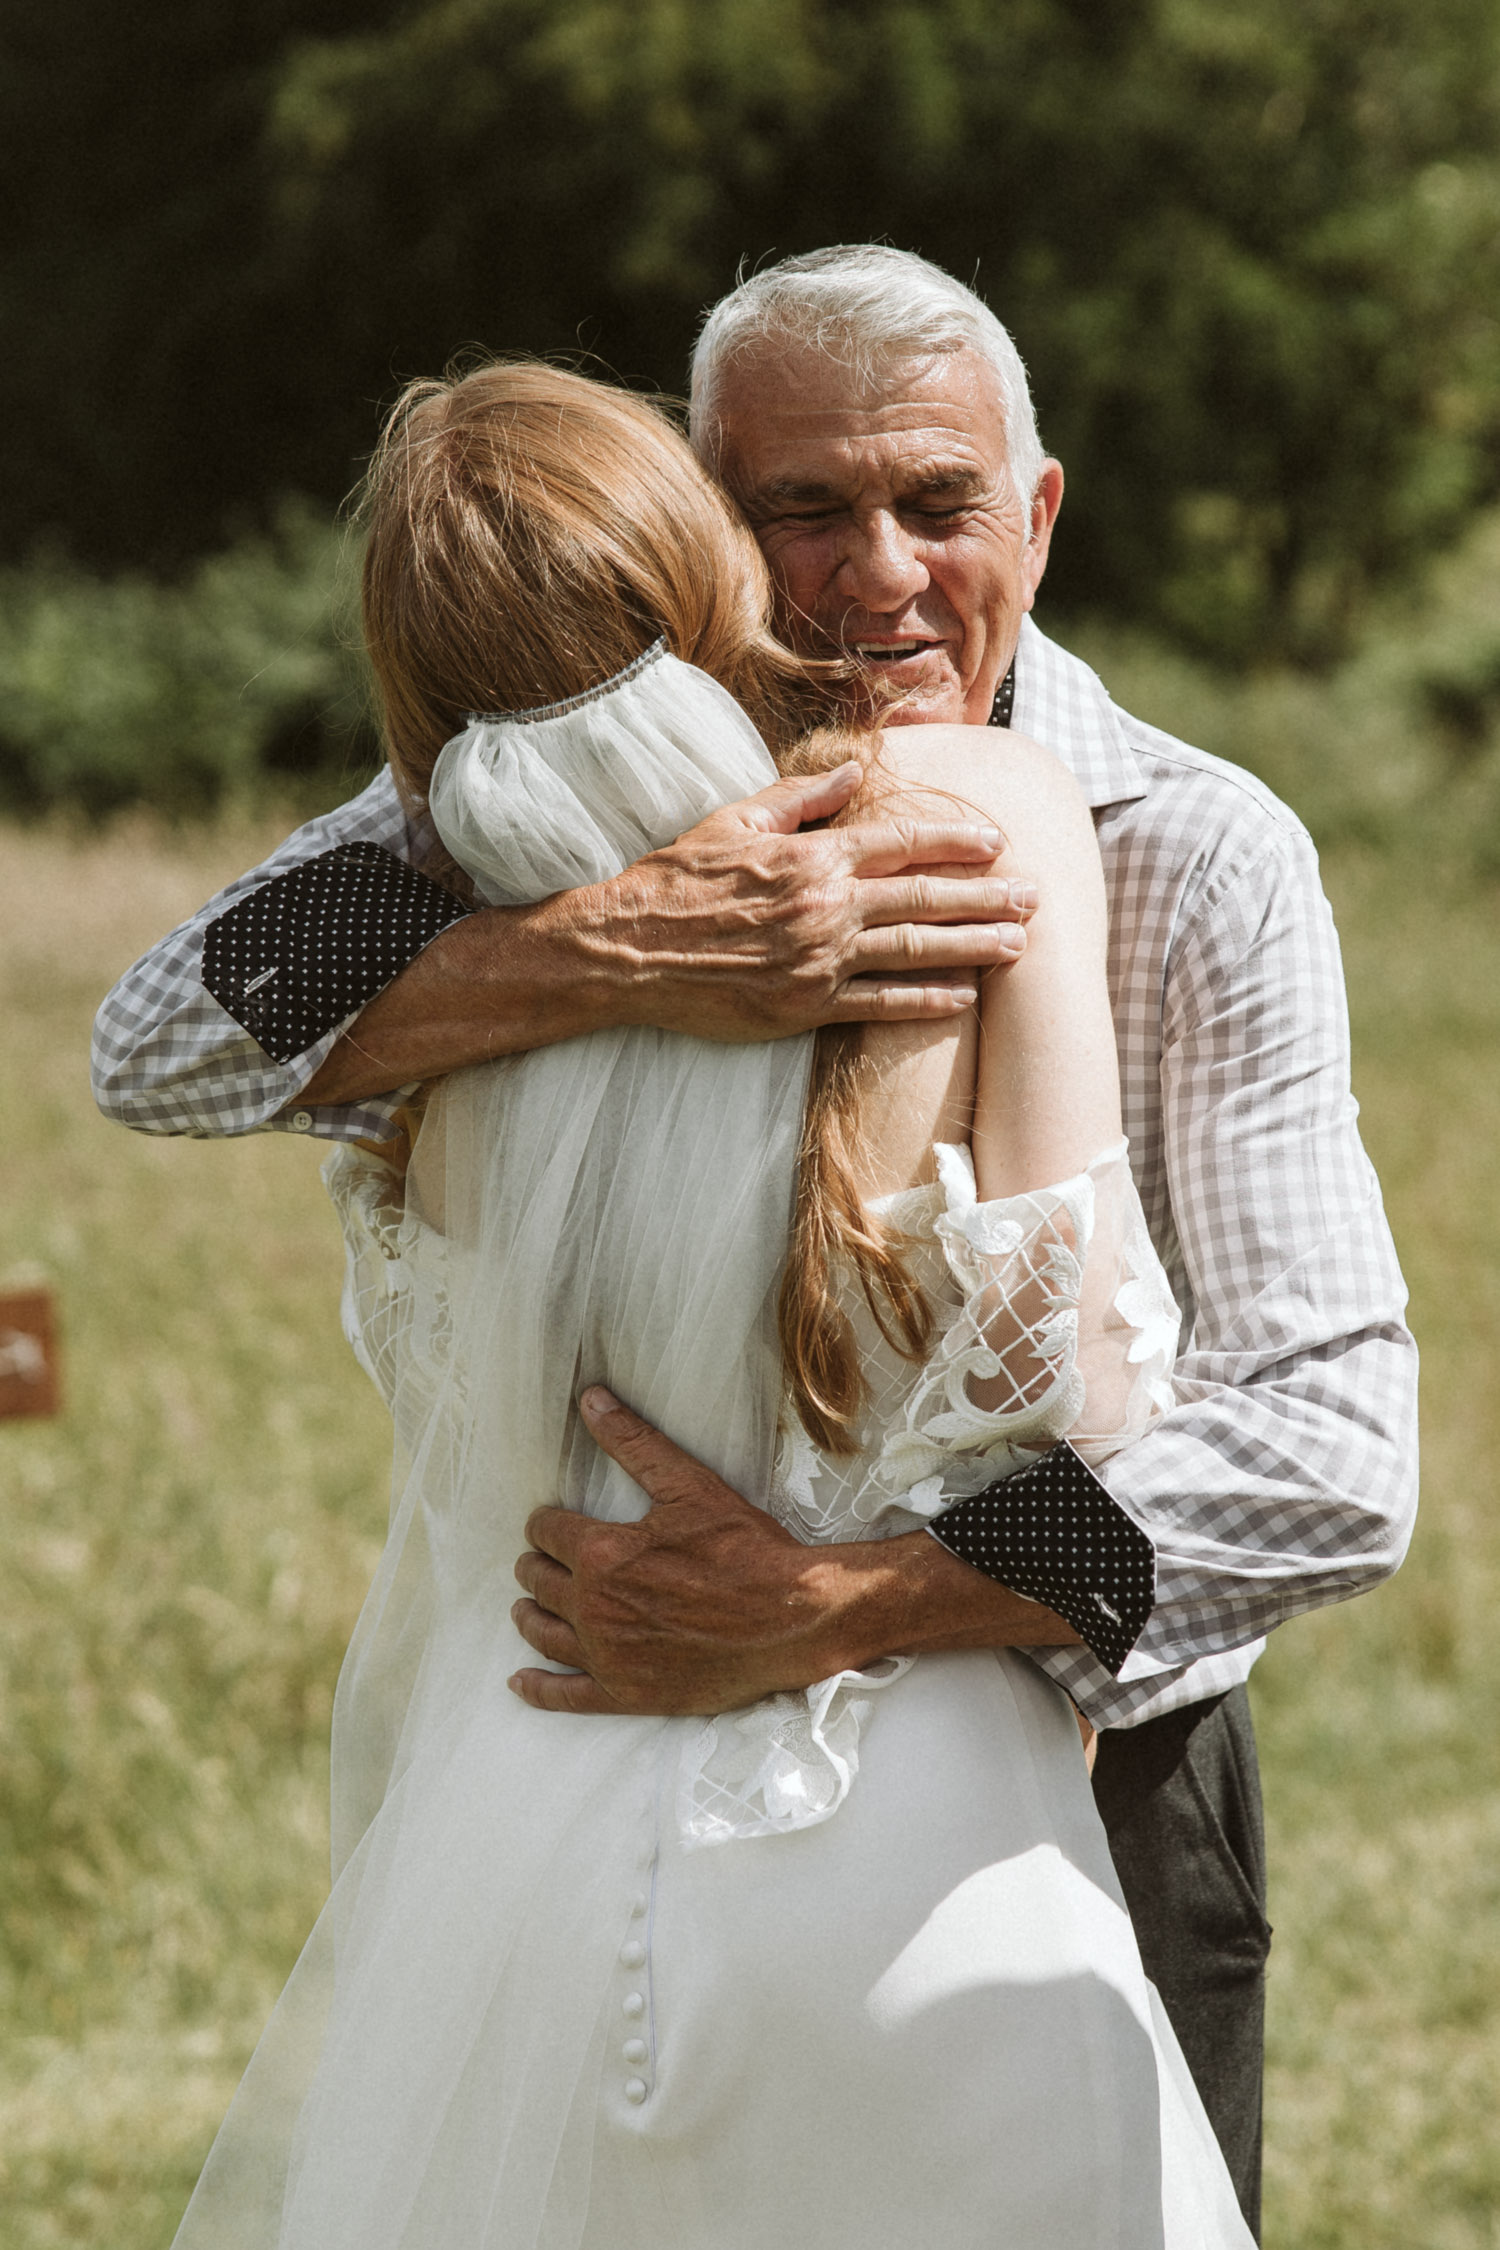 Grandpa hugging the bride